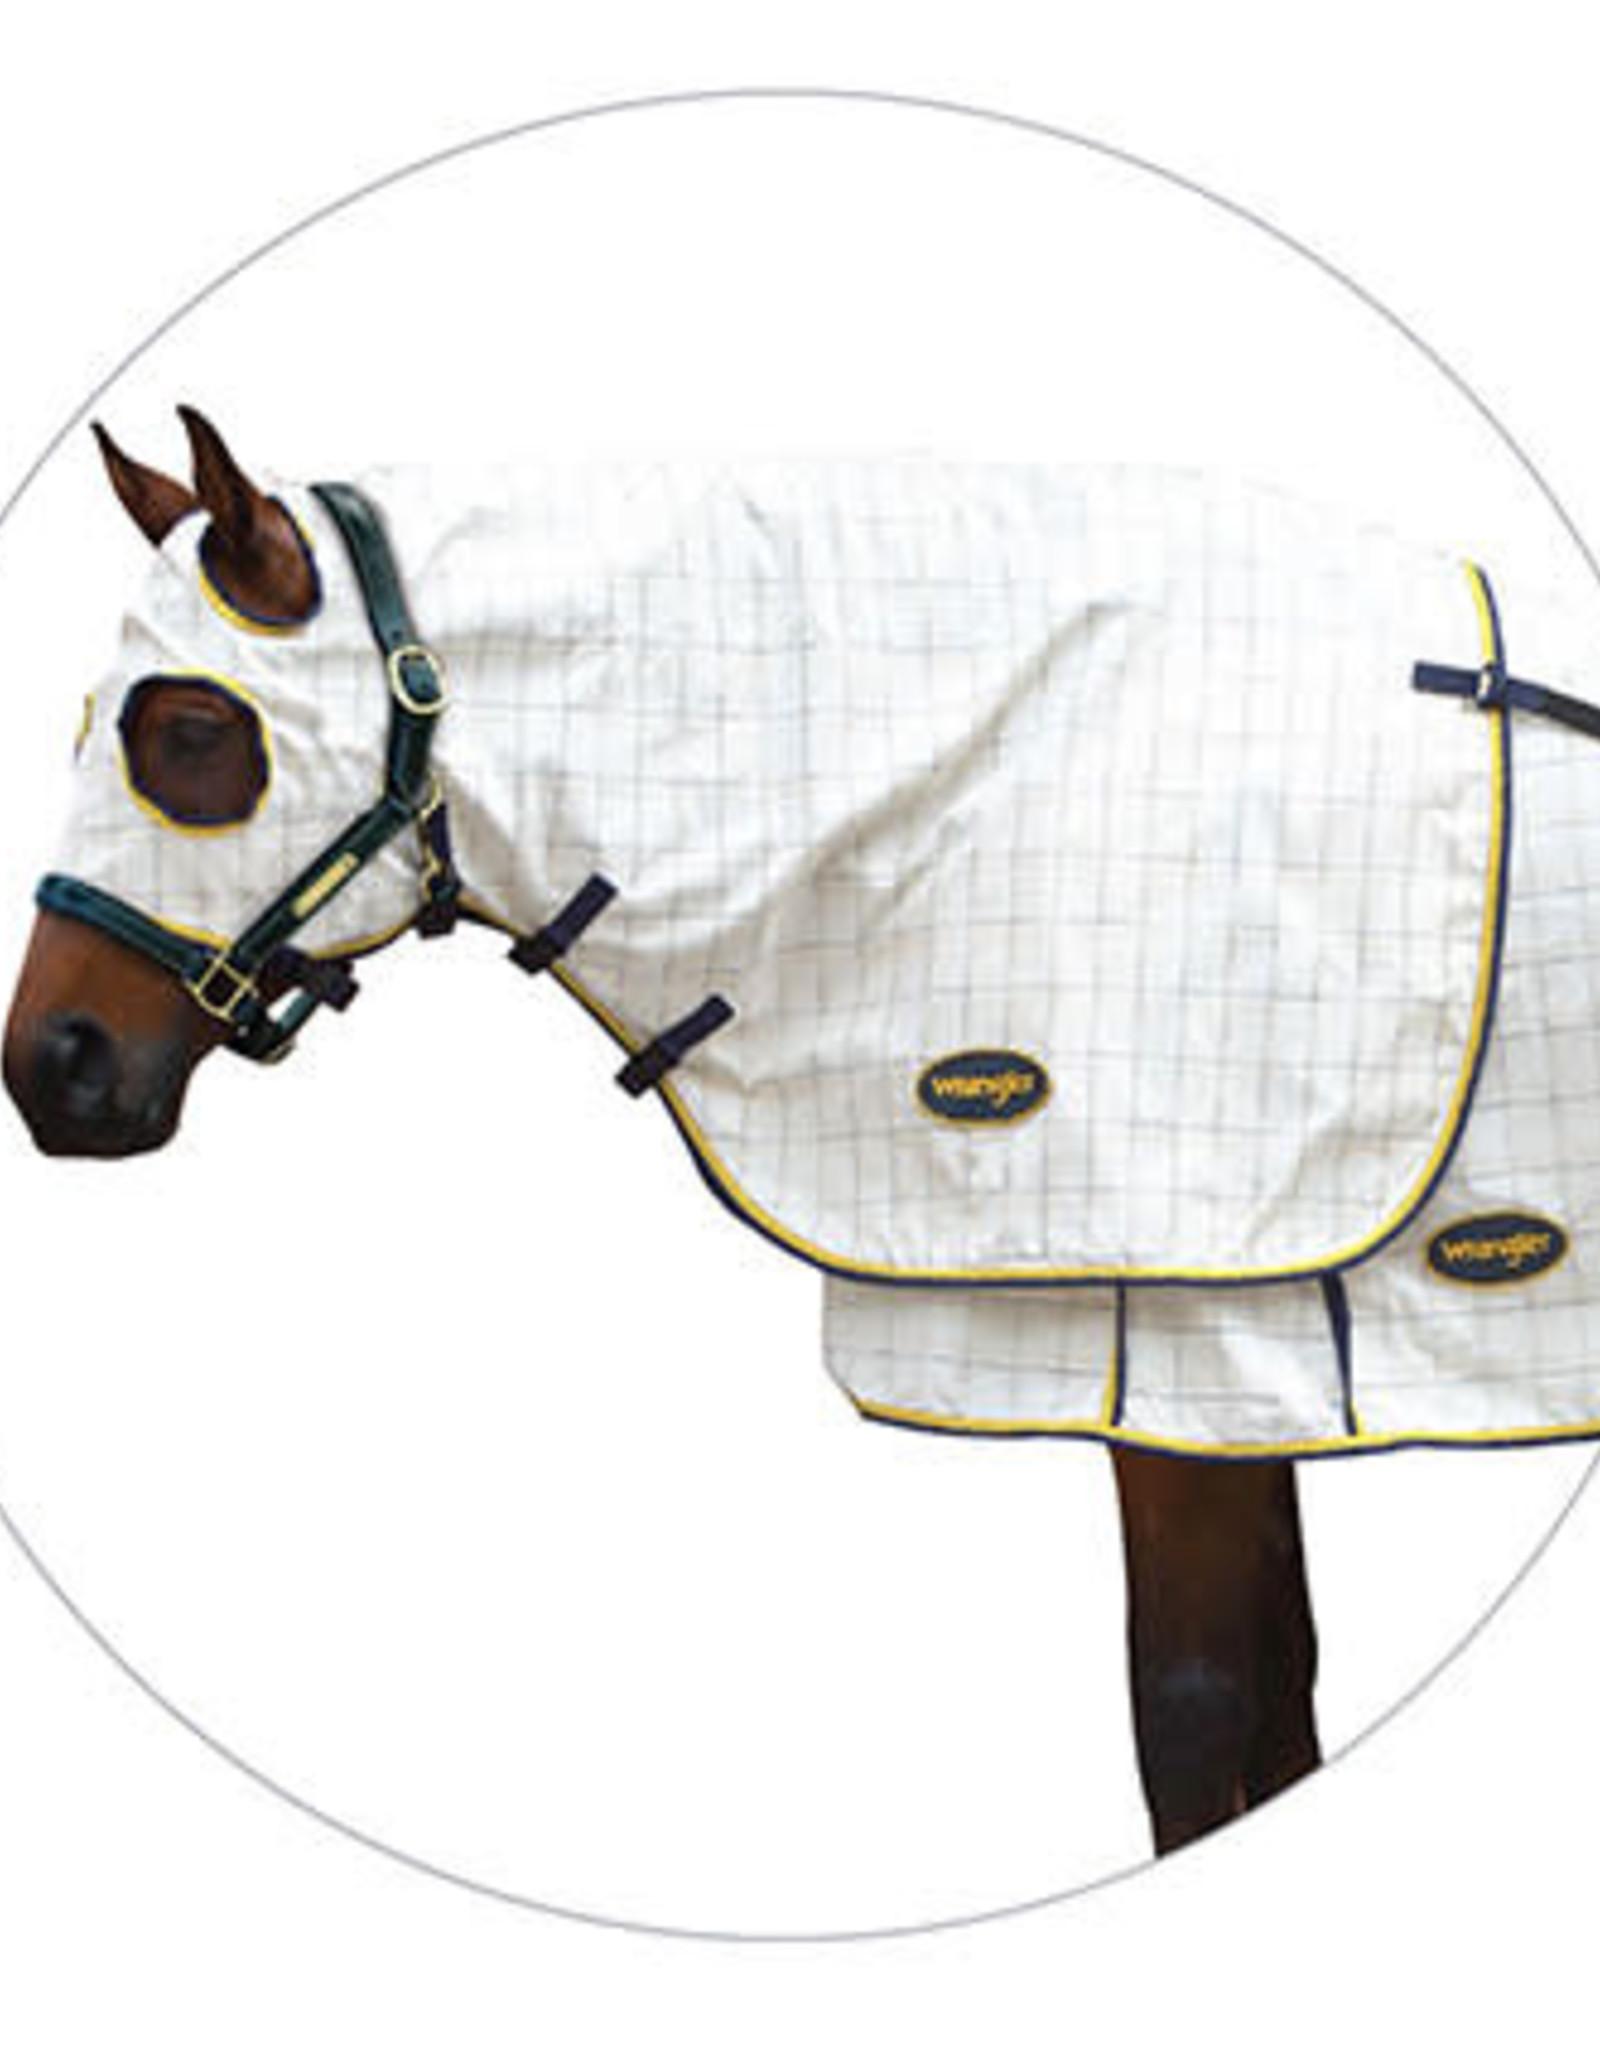 Wrangler Wrangler Cotton Royal Check Hood Navy and Yellow